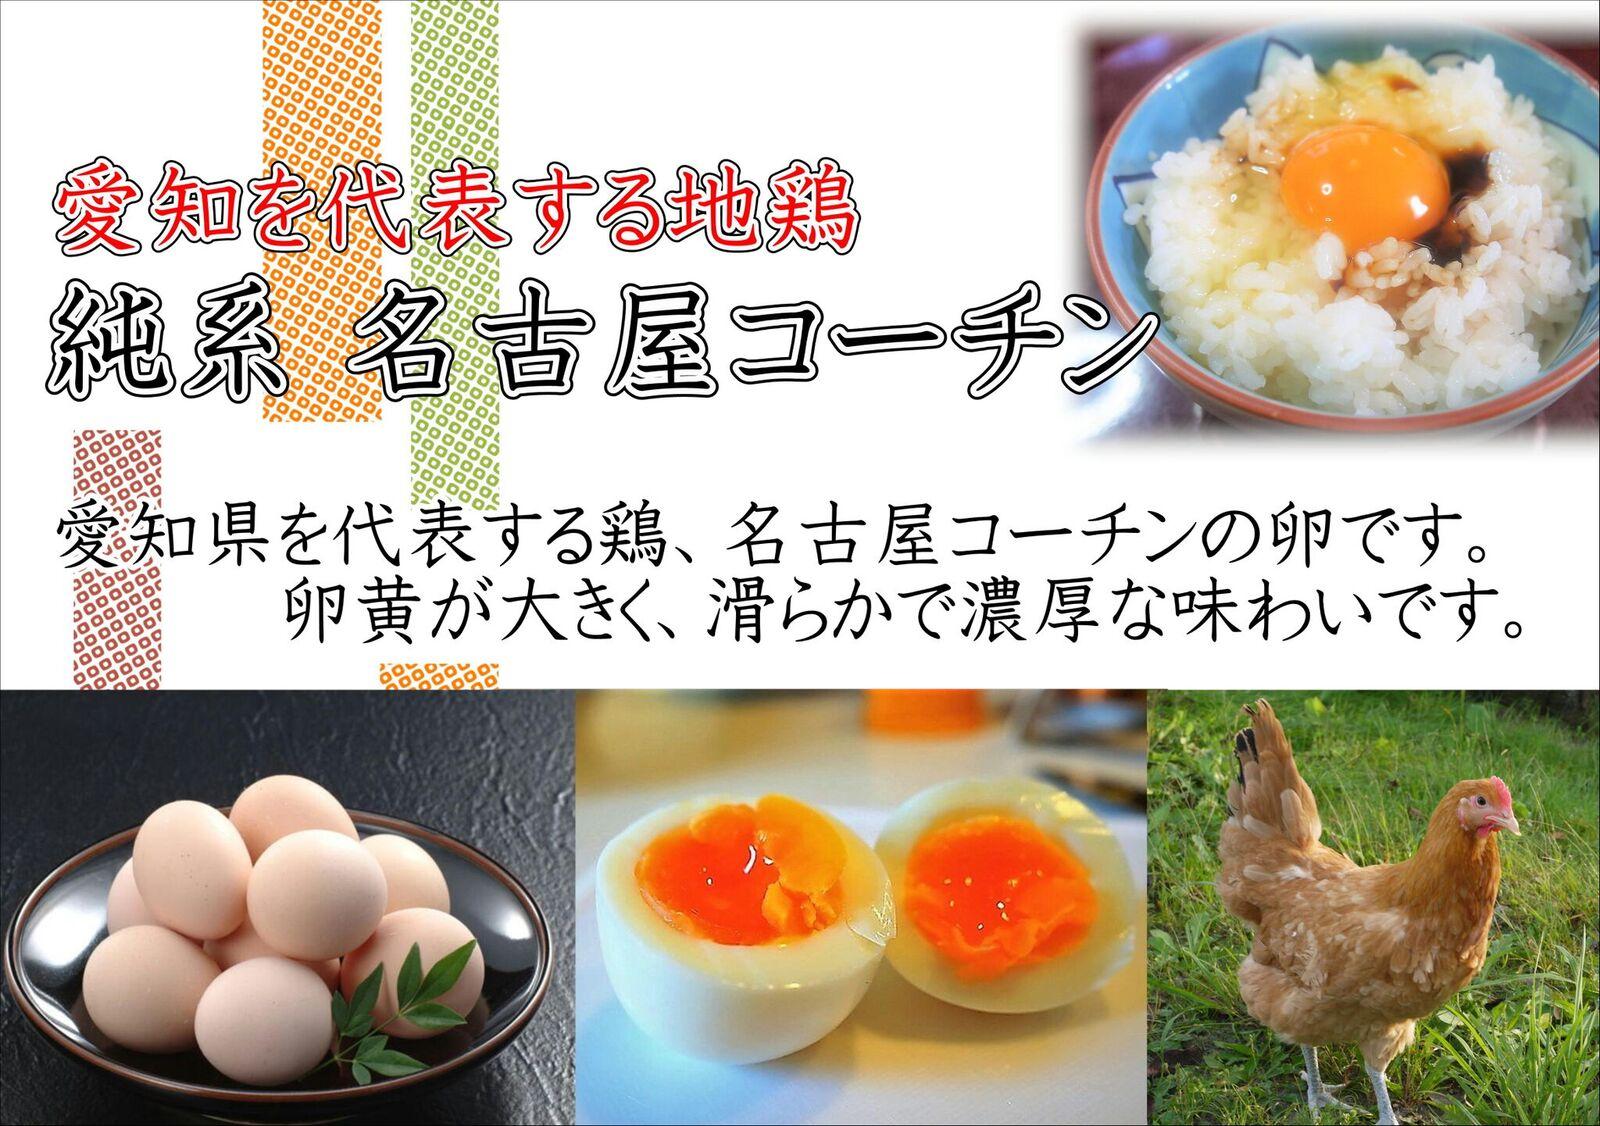 日本三大地鶏!! 本当に美味しい食べ物は調味料の味に負けません!「純系 名古屋コーチンの卵」